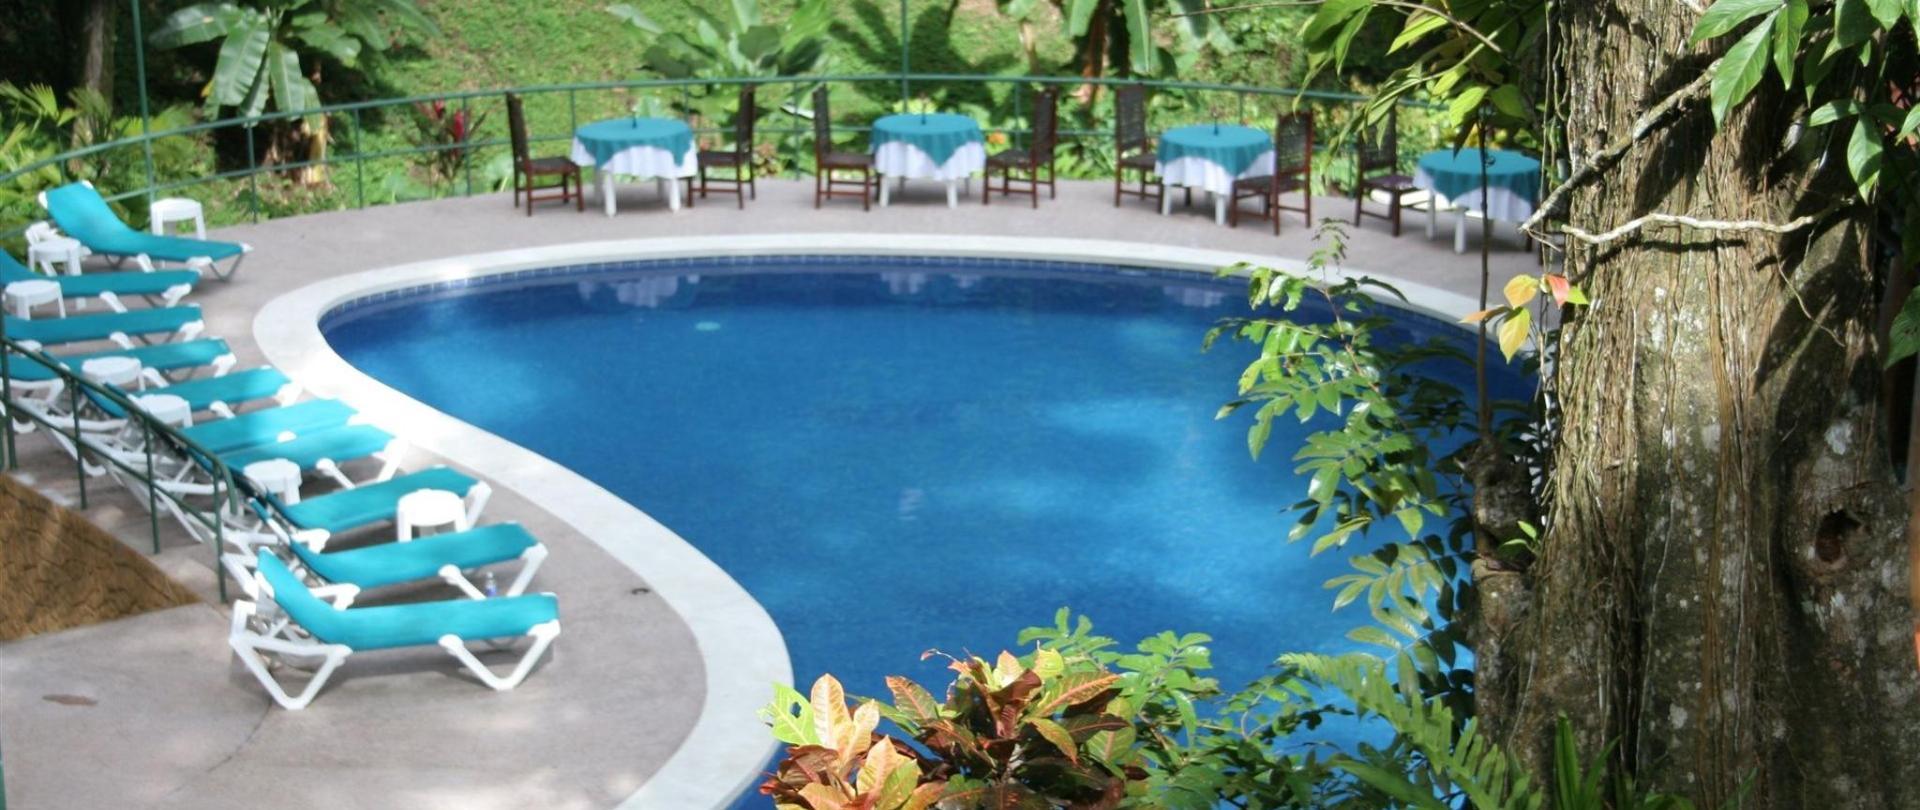 pool-at-byblos.JPG